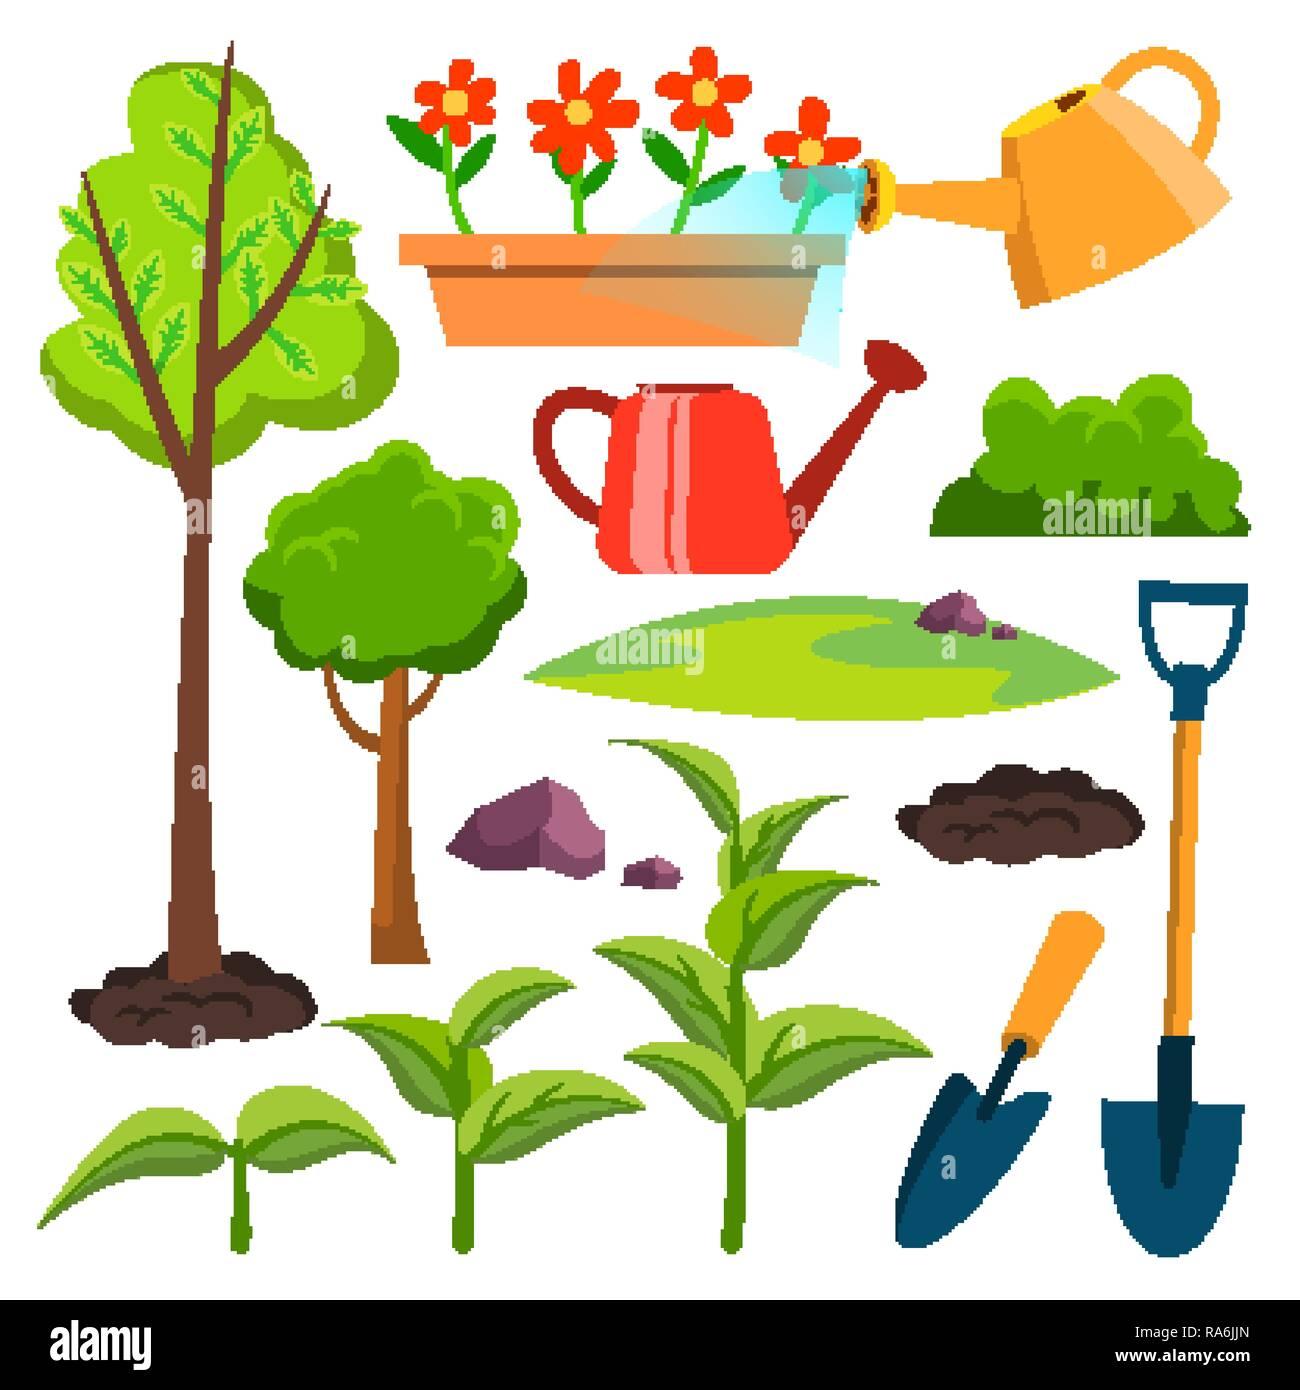 Garten Symbole Vektor Giesskanne Schaufel Baumchen Pflanzen